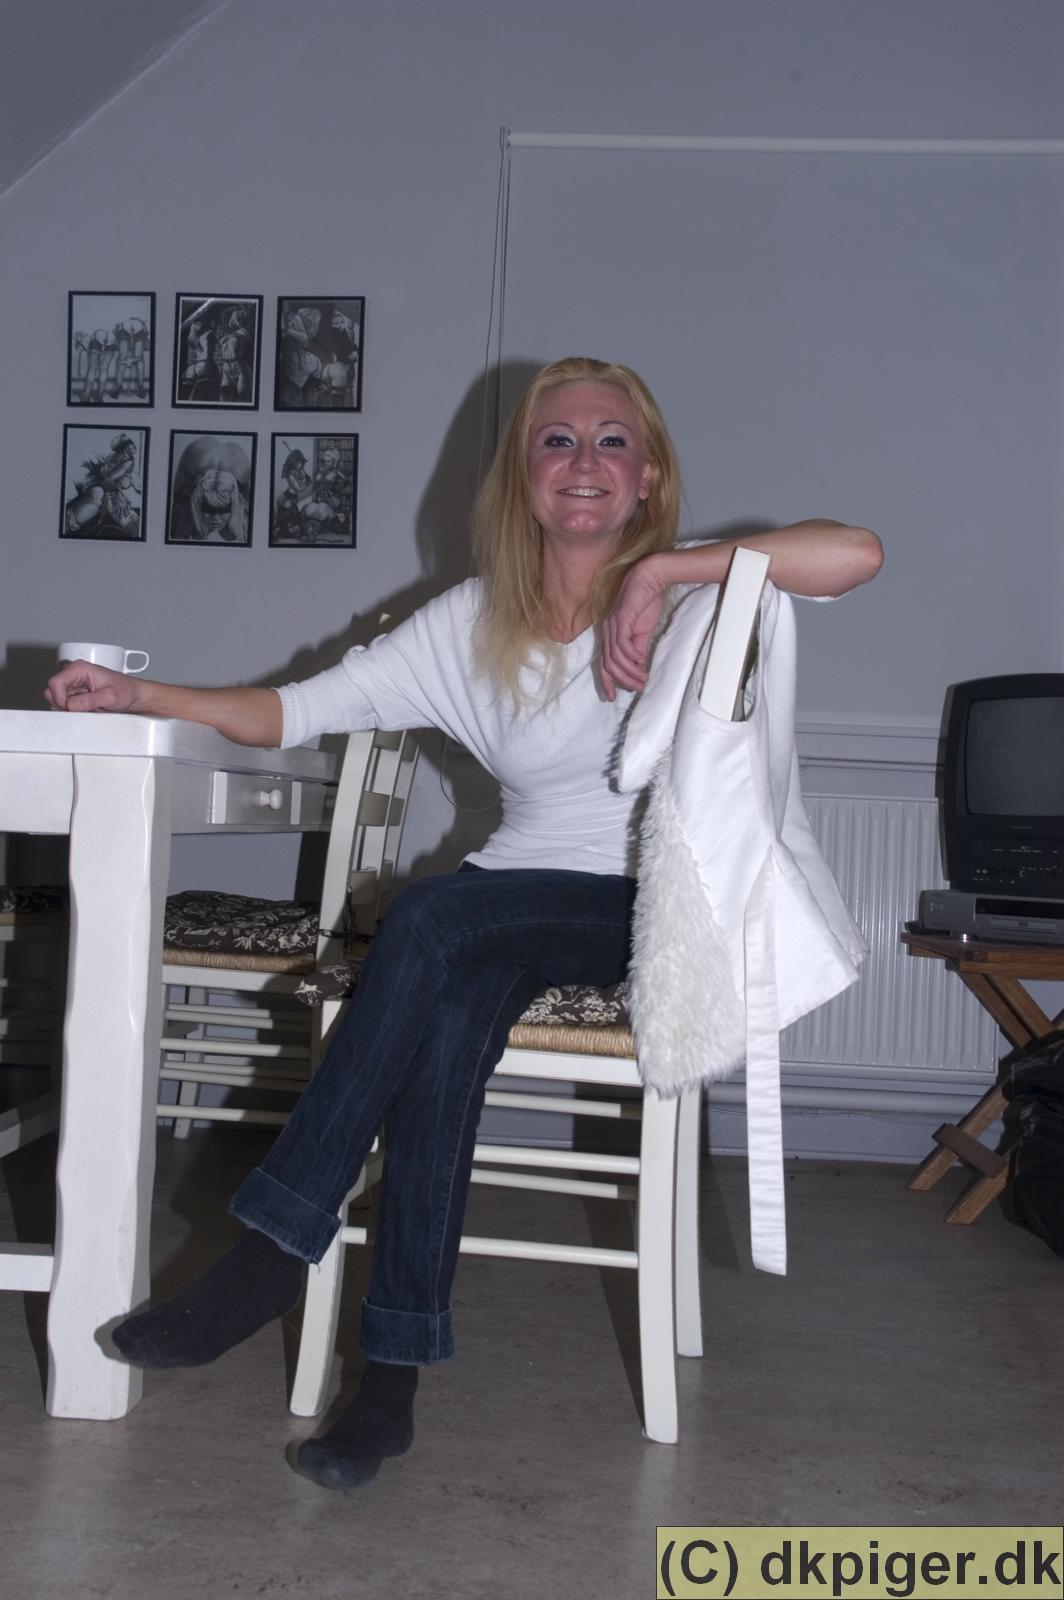 fræk massage på fyn gratis dansk porno